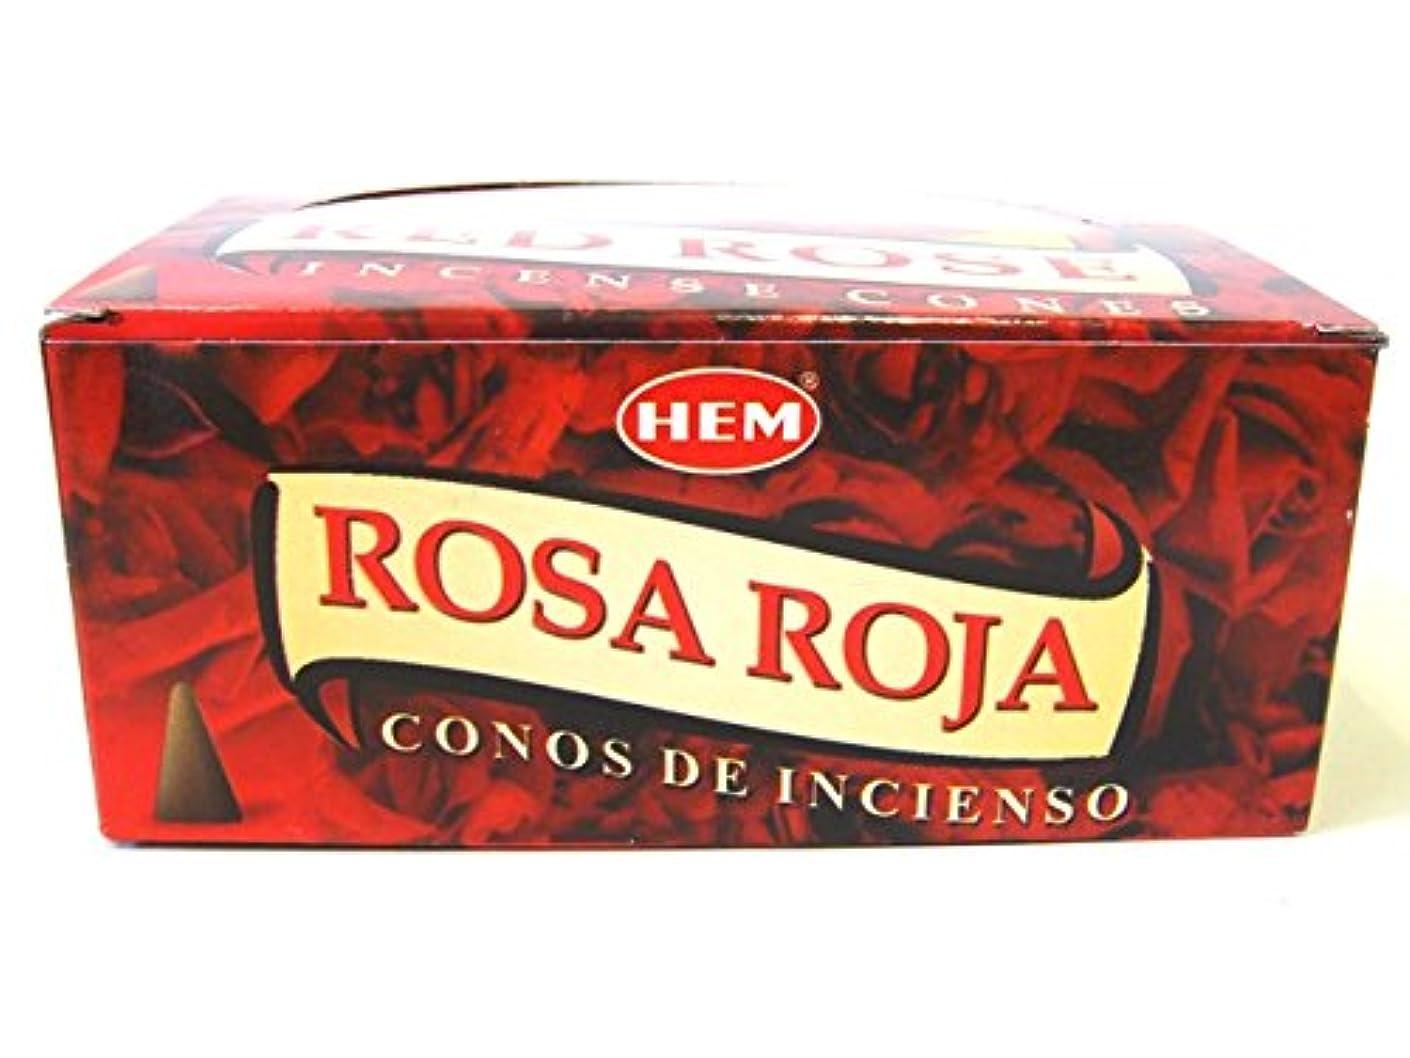 その他移行サーフィンHEM お香 レッドローズ(RED ROSE) コーンタイプ 1ケース(12箱入り) お香薔薇